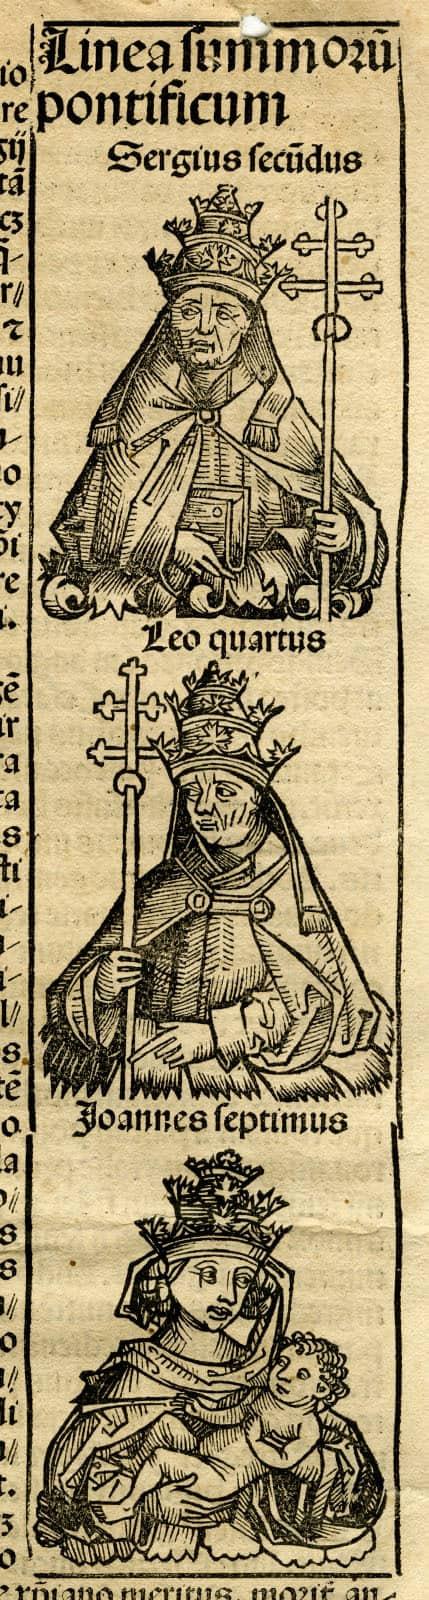 Sergius Secundus, Leo Quartus, and Joannes Septimus (Pope Joan)